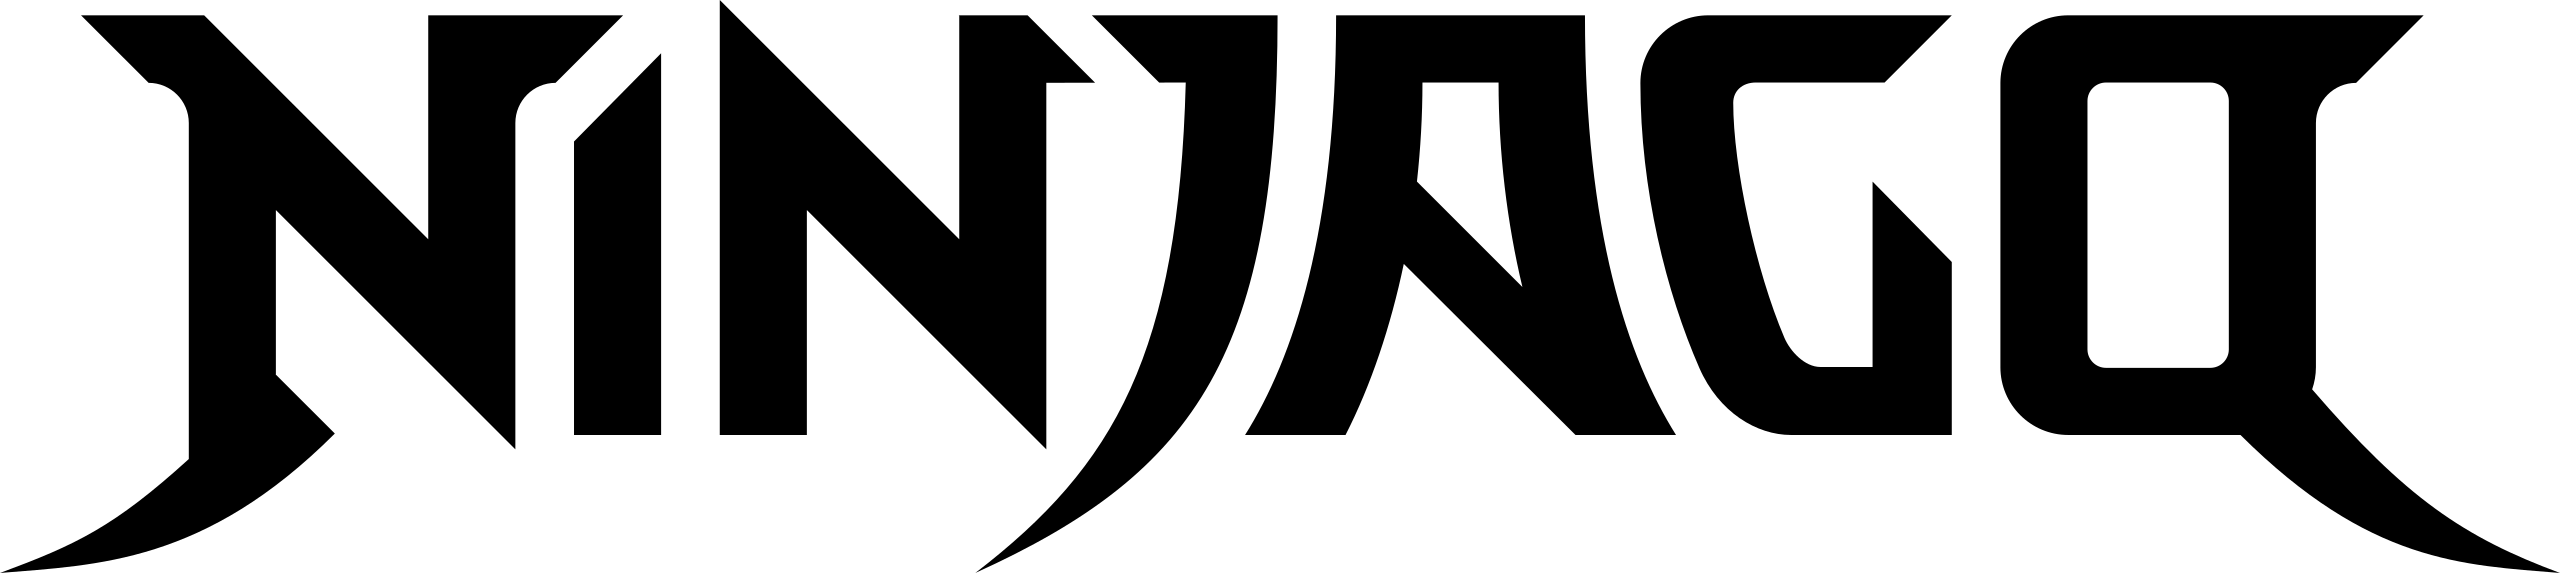 File:Ninjago logo.png